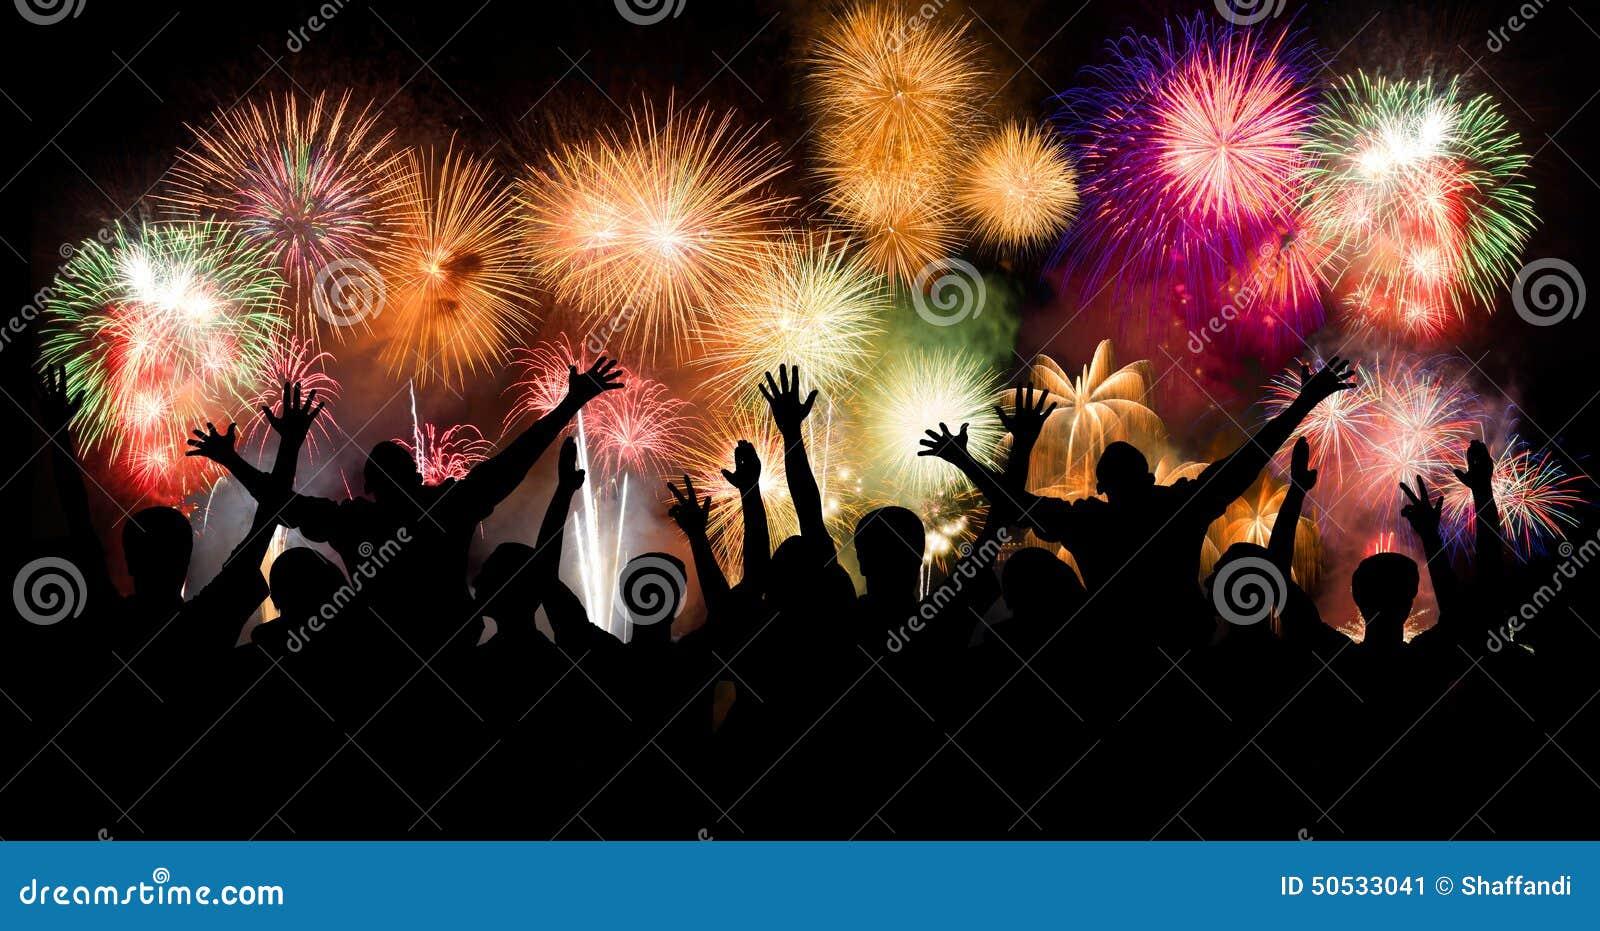 O grupo de pessoas que aprecia fogos-de-artifício espetaculares mostra em um carnaval ou em um feriado